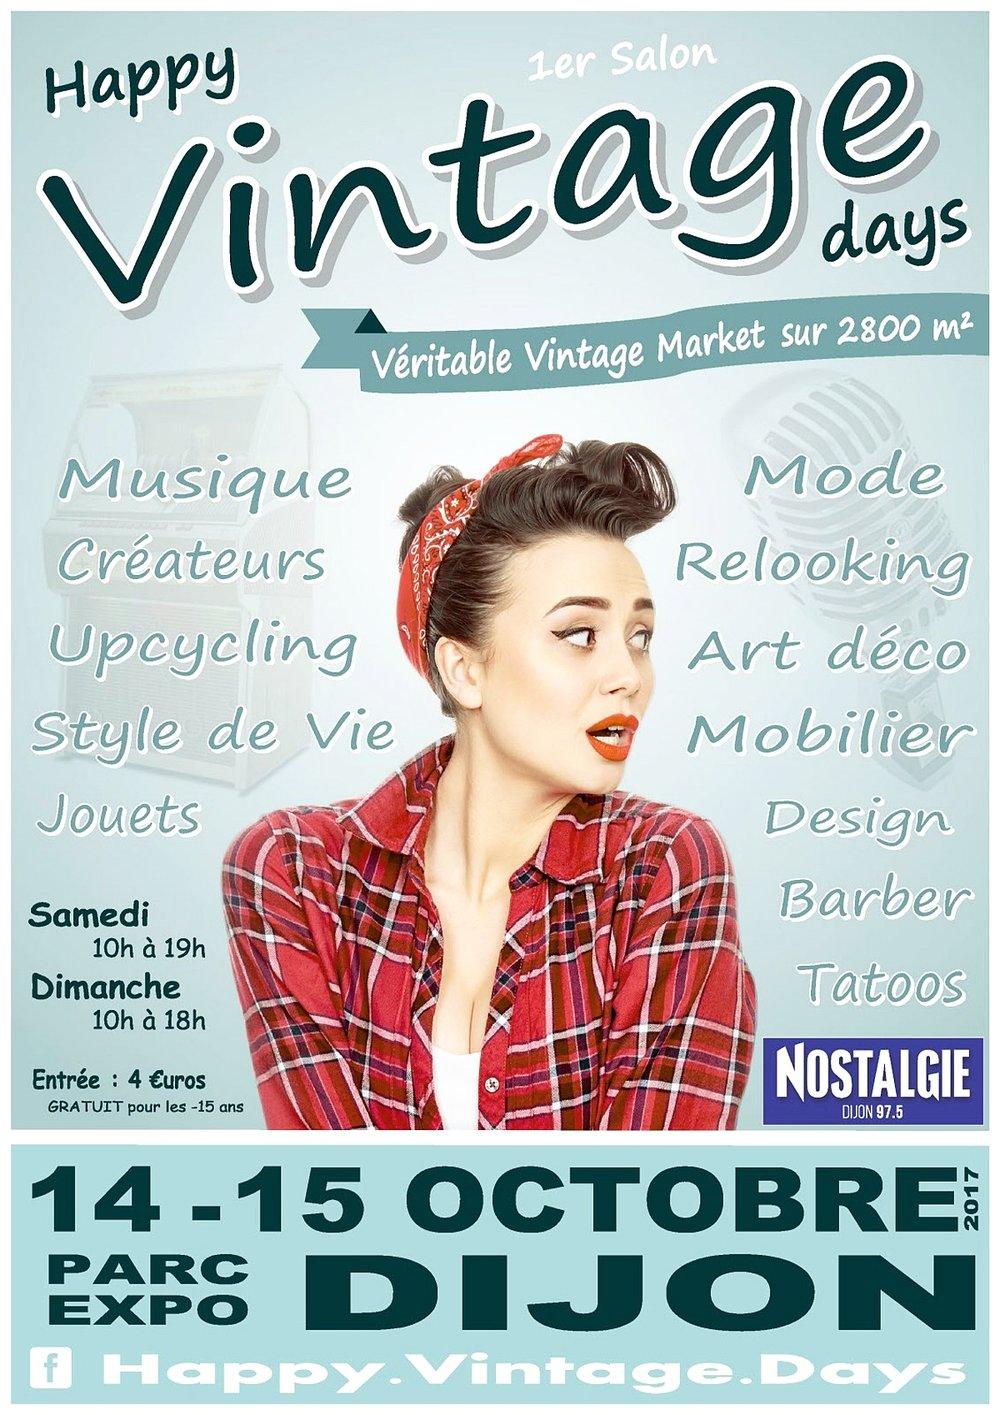 Location :Espace poincaré Exhibition and Congress Center, Rue Léon Mauris - Dijon / Contact : +33 6 68 31 79 05